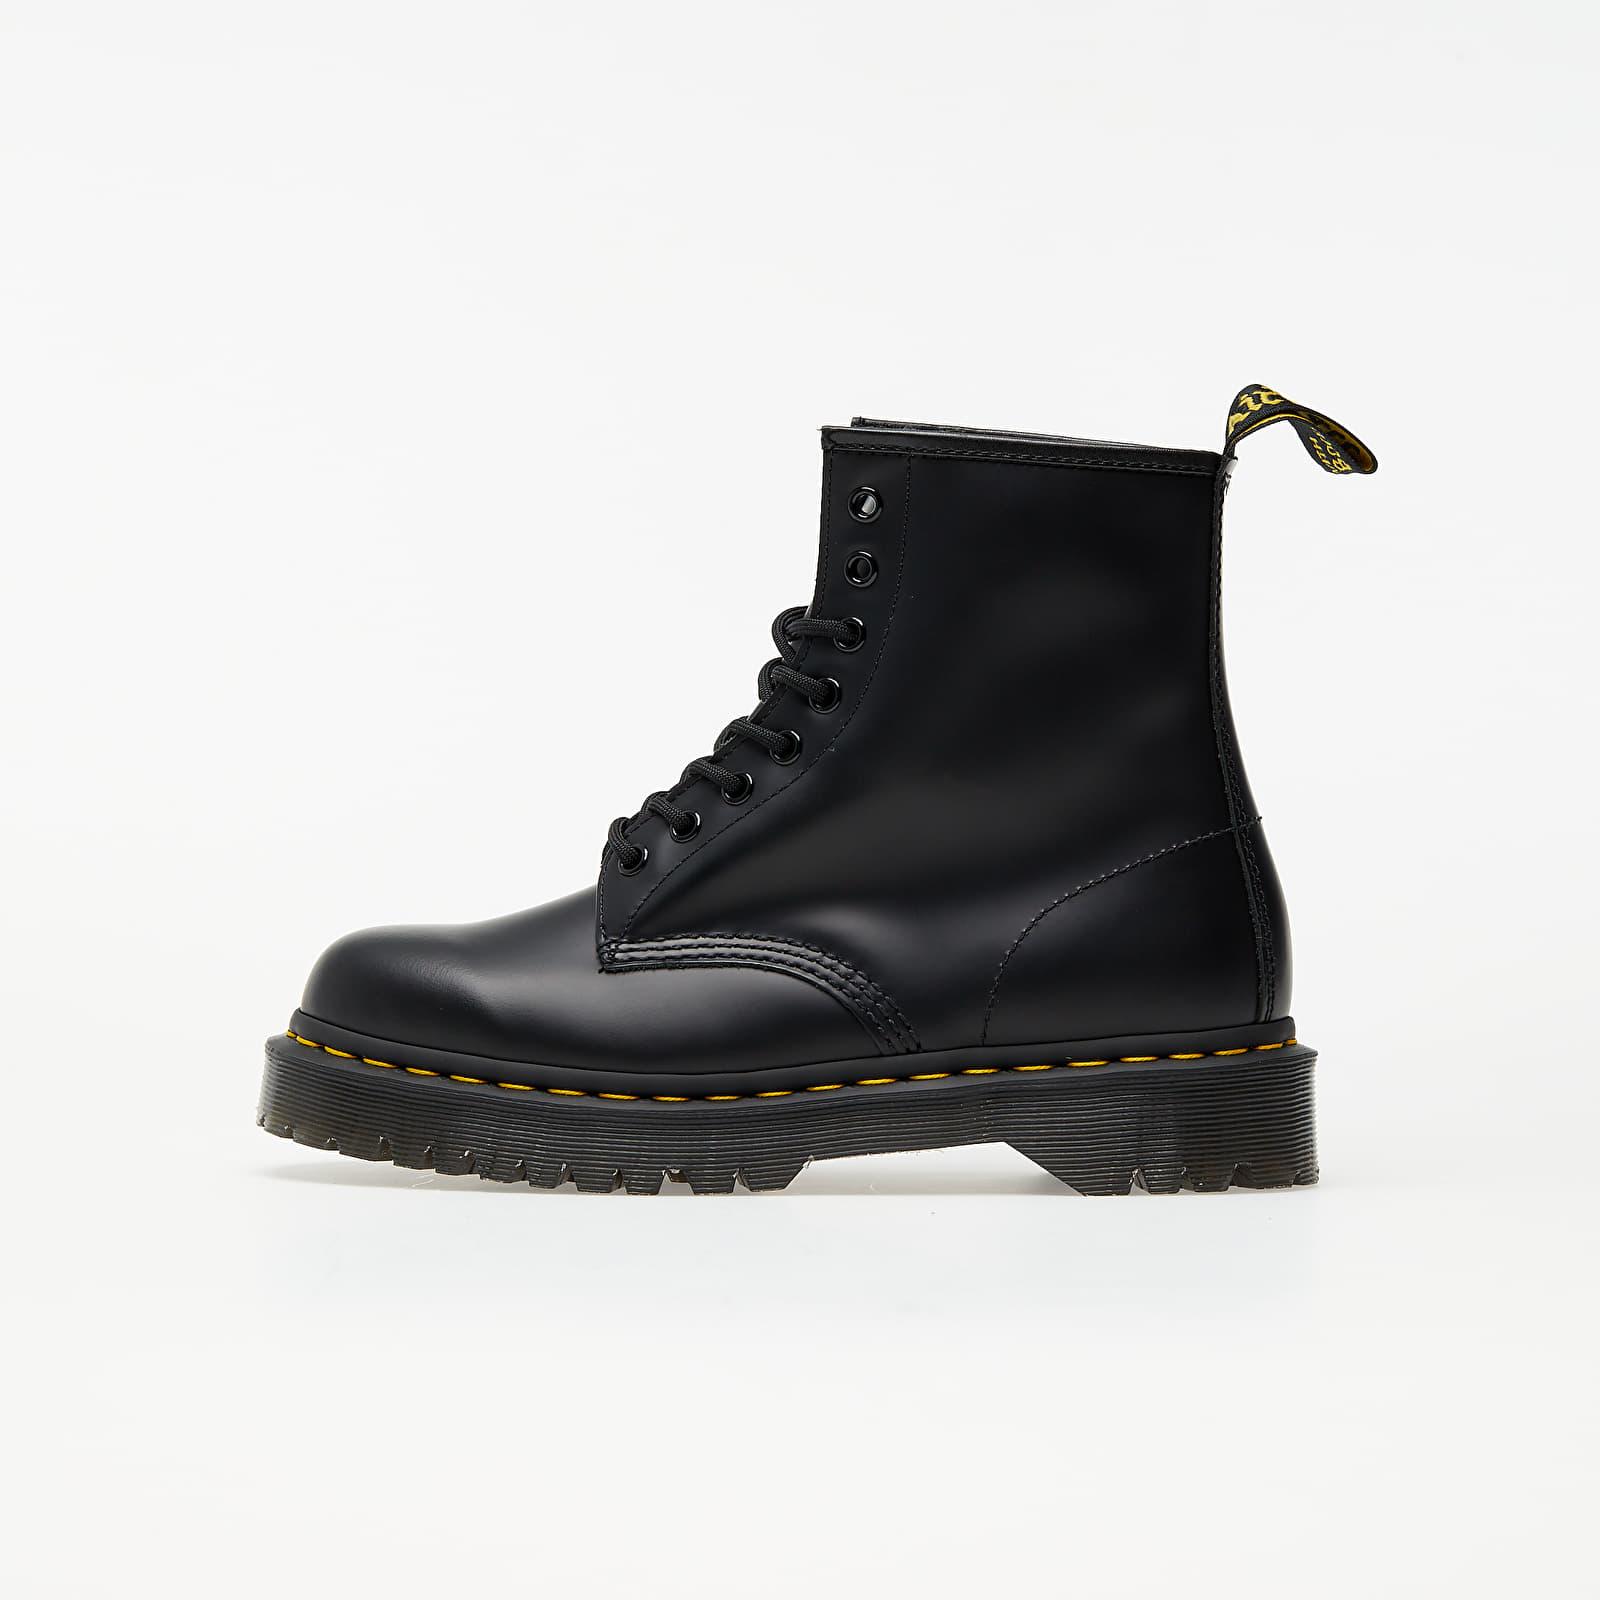 Ανδρικά παπούτσια Dr. Martens 1460 Bex 8 Eye Boot Black